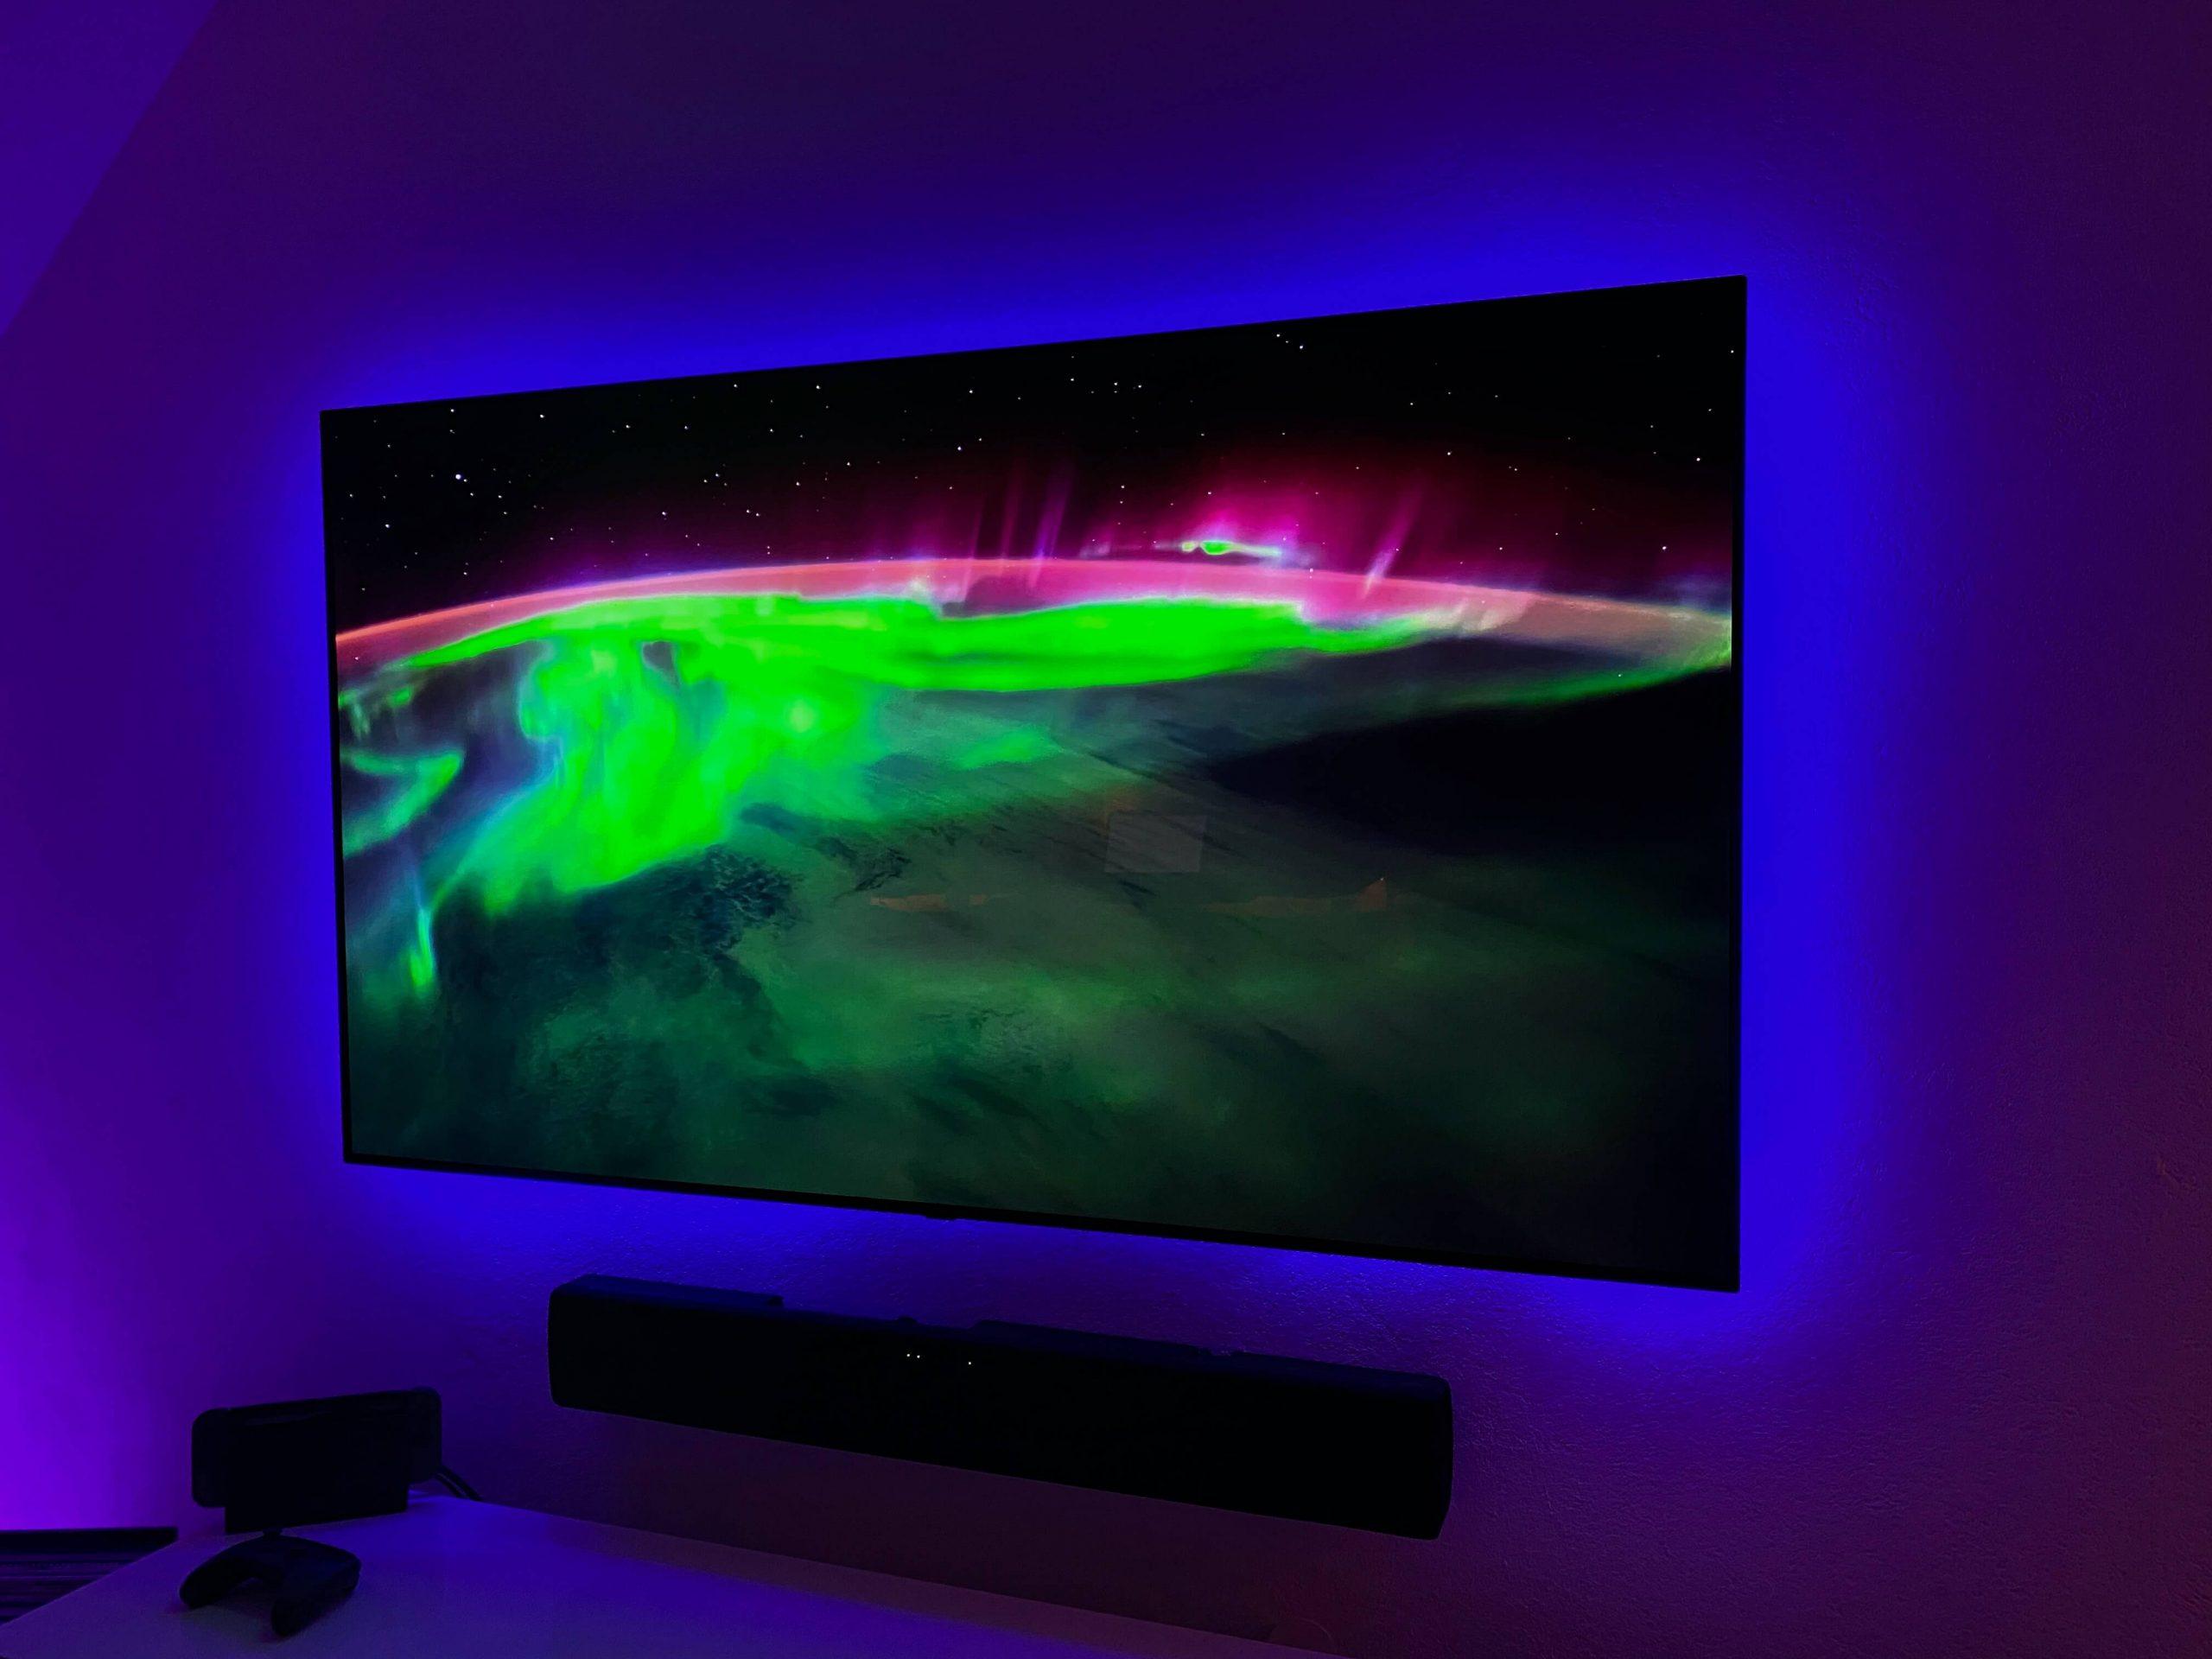 OLED65B97LA-von-LG-ein-OLED-TV-mit-Apple-HomeKit-und-AirPlay-28-scaled OLED65B97LA von LG - ein OLED-TV mit Apple HomeKit und AirPlay 2